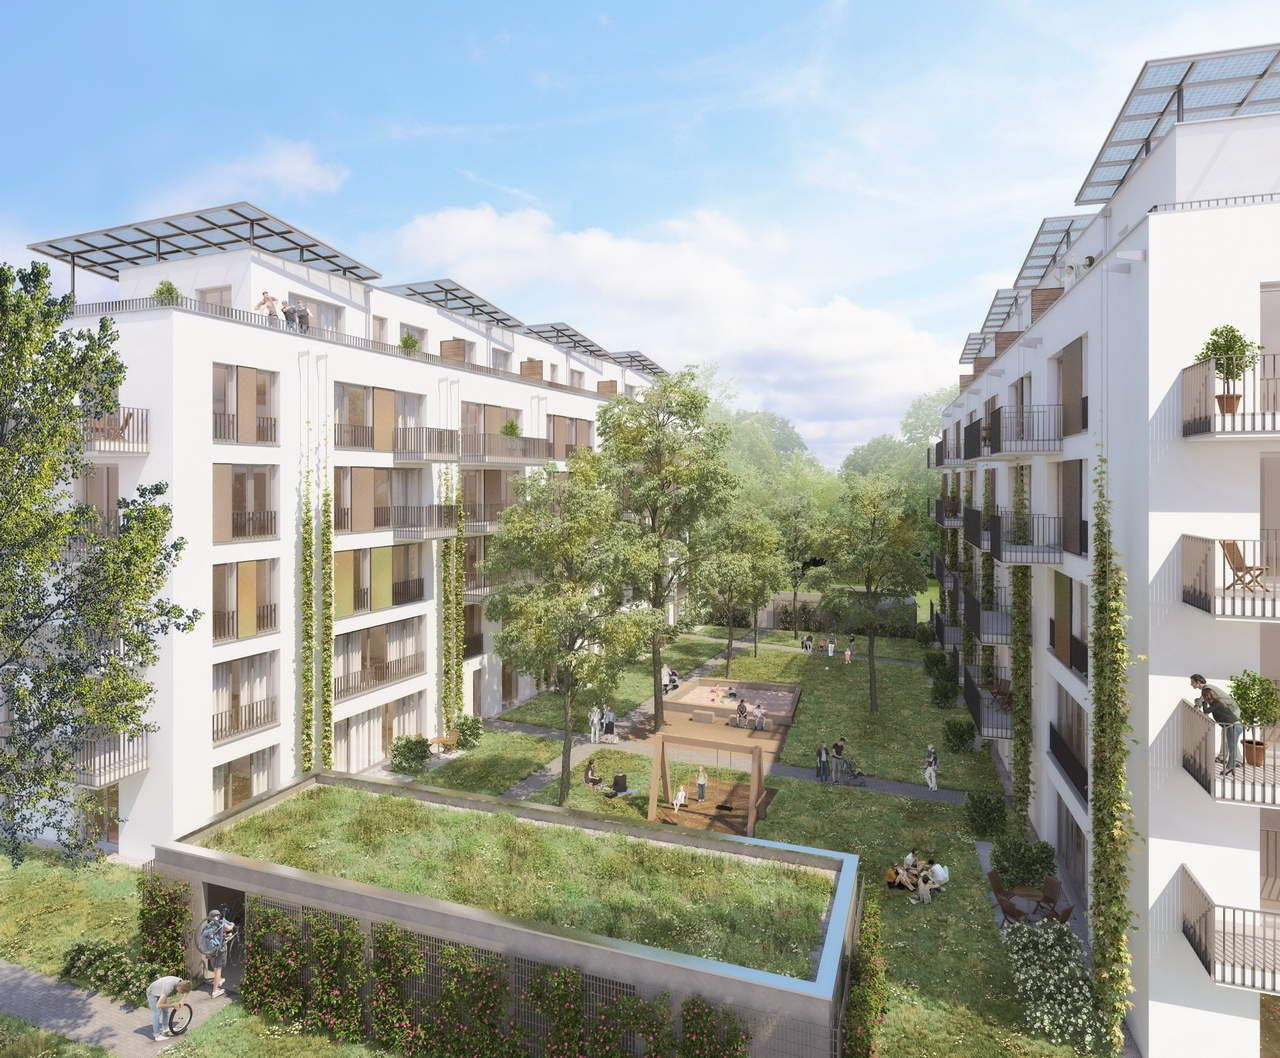 Architekturvisualisierung Berlin architekturvisualisierung wohnungsbau berlin möckernkiez entwurf